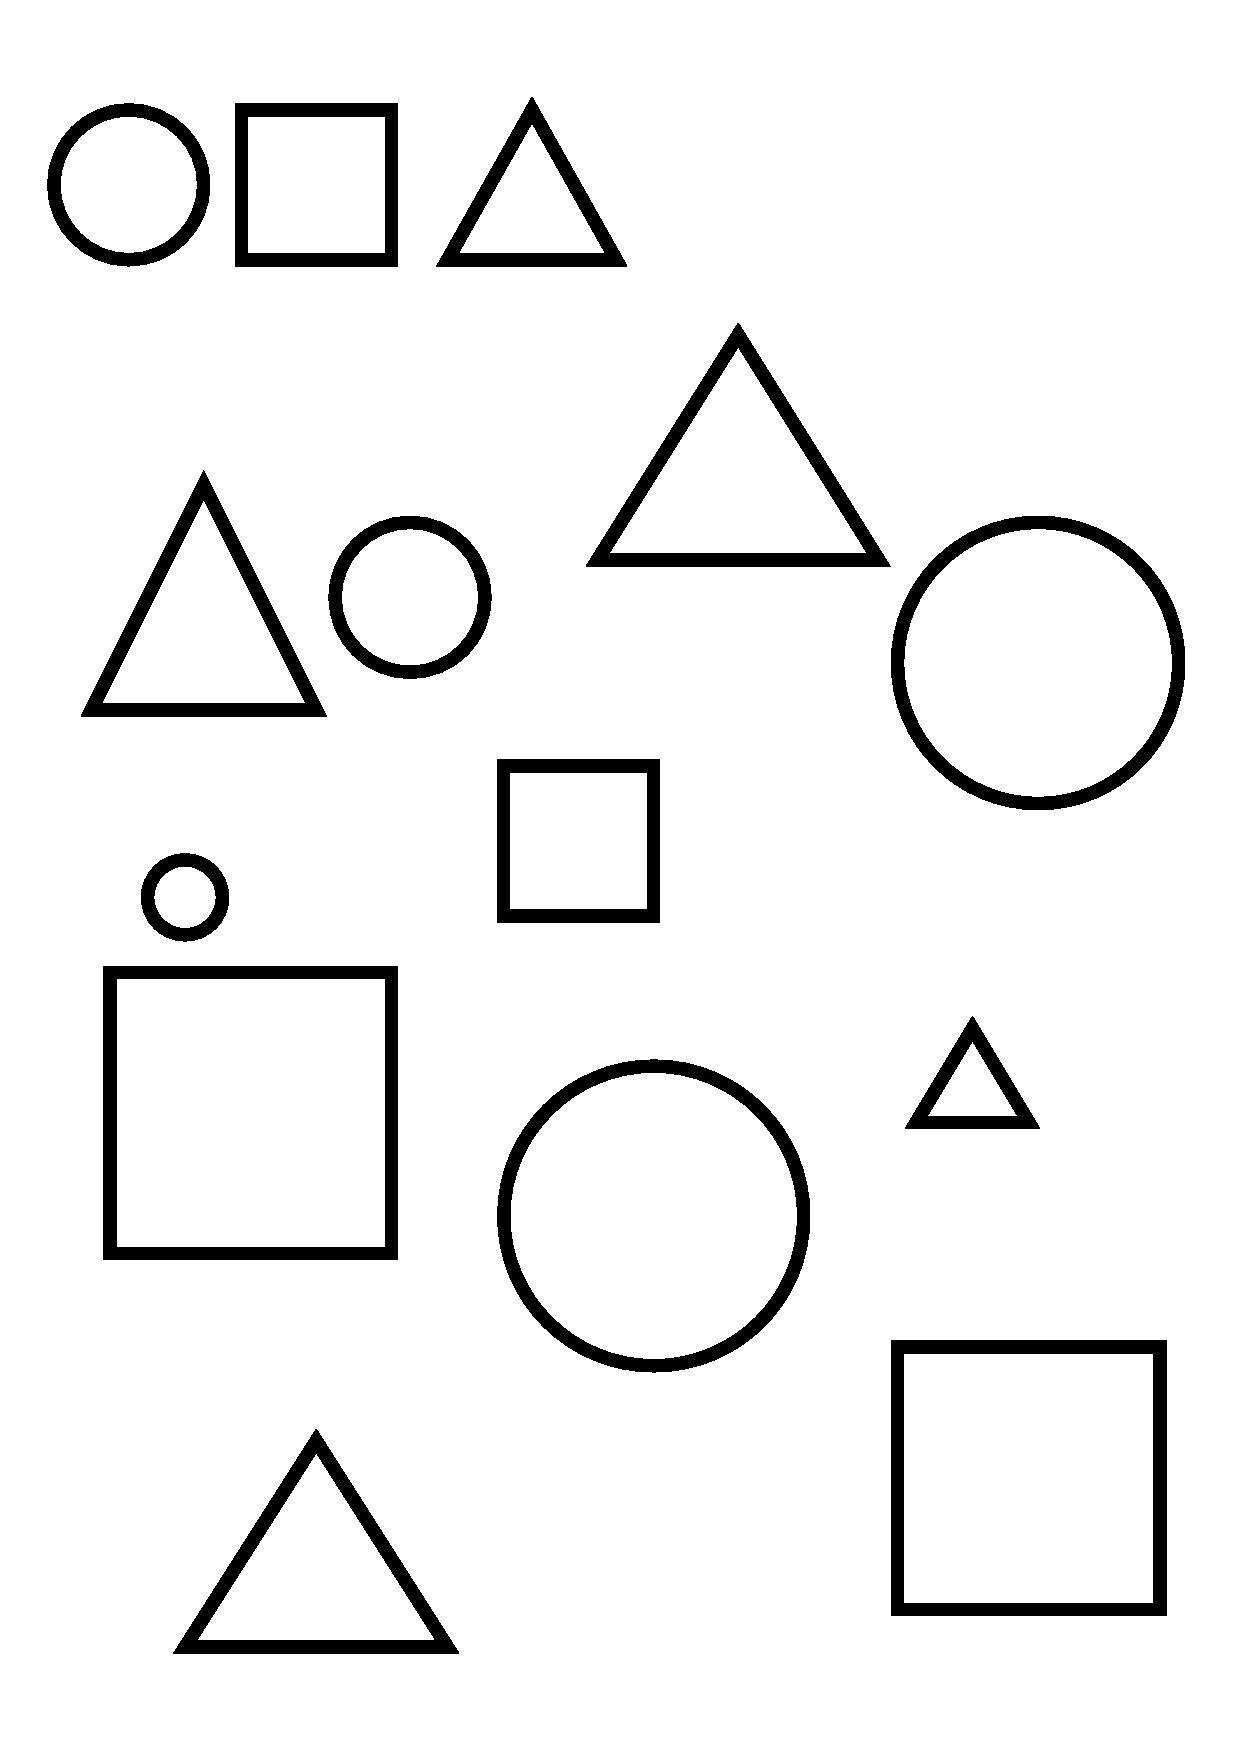 16 dessins de coloriage souris ps imprimer - Coloriage magique ps ms ...